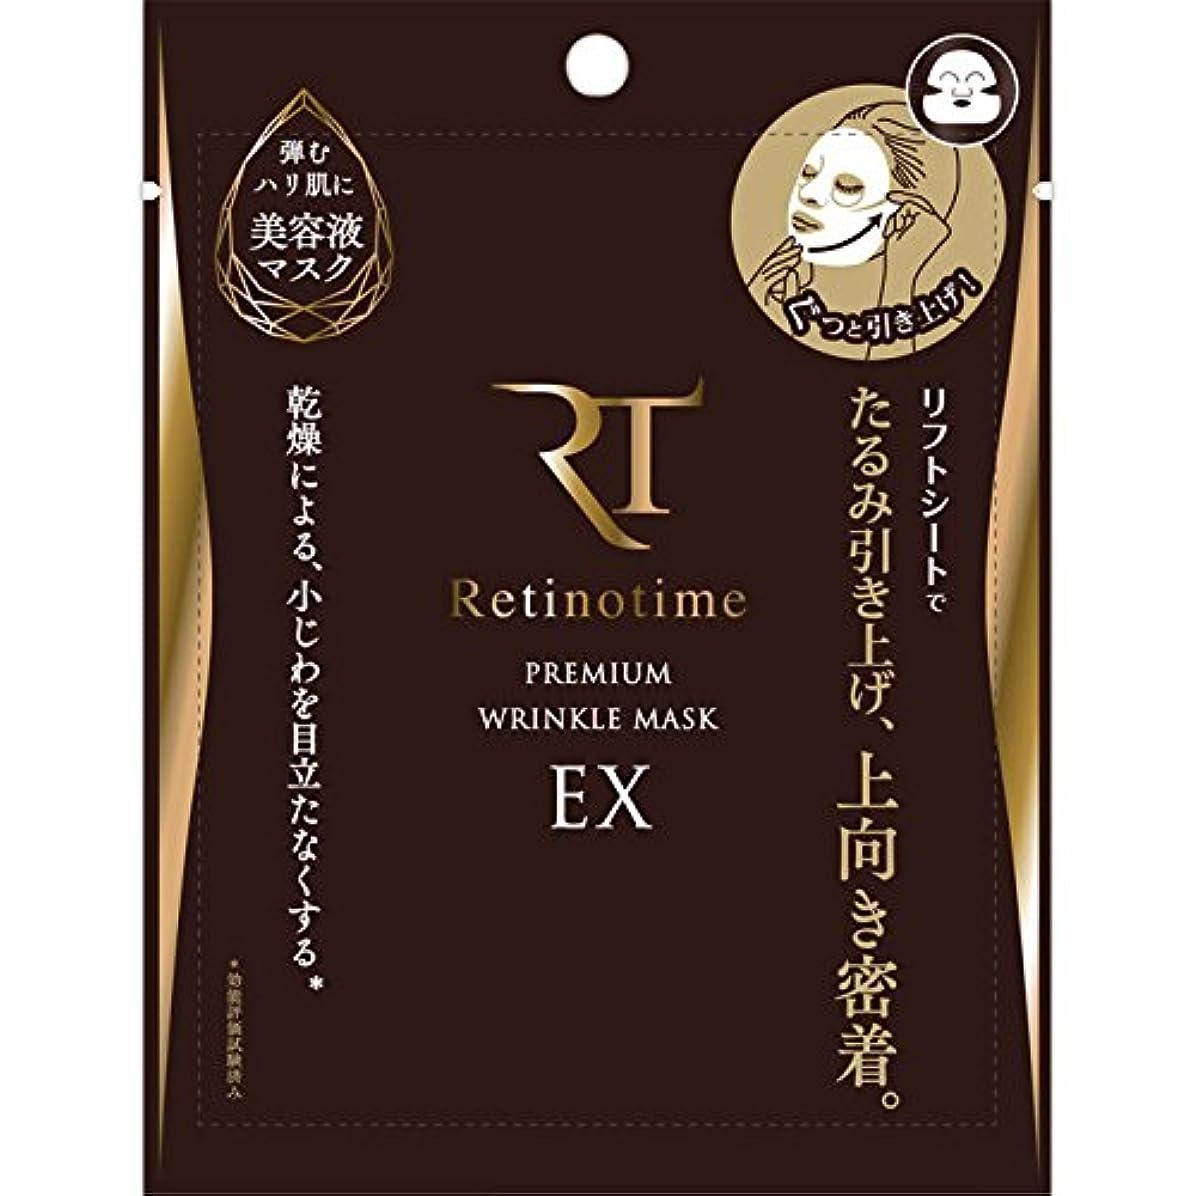 心からキャメル何かレチノタイム プレミアムリンクルマスク EX 1枚【26ml】